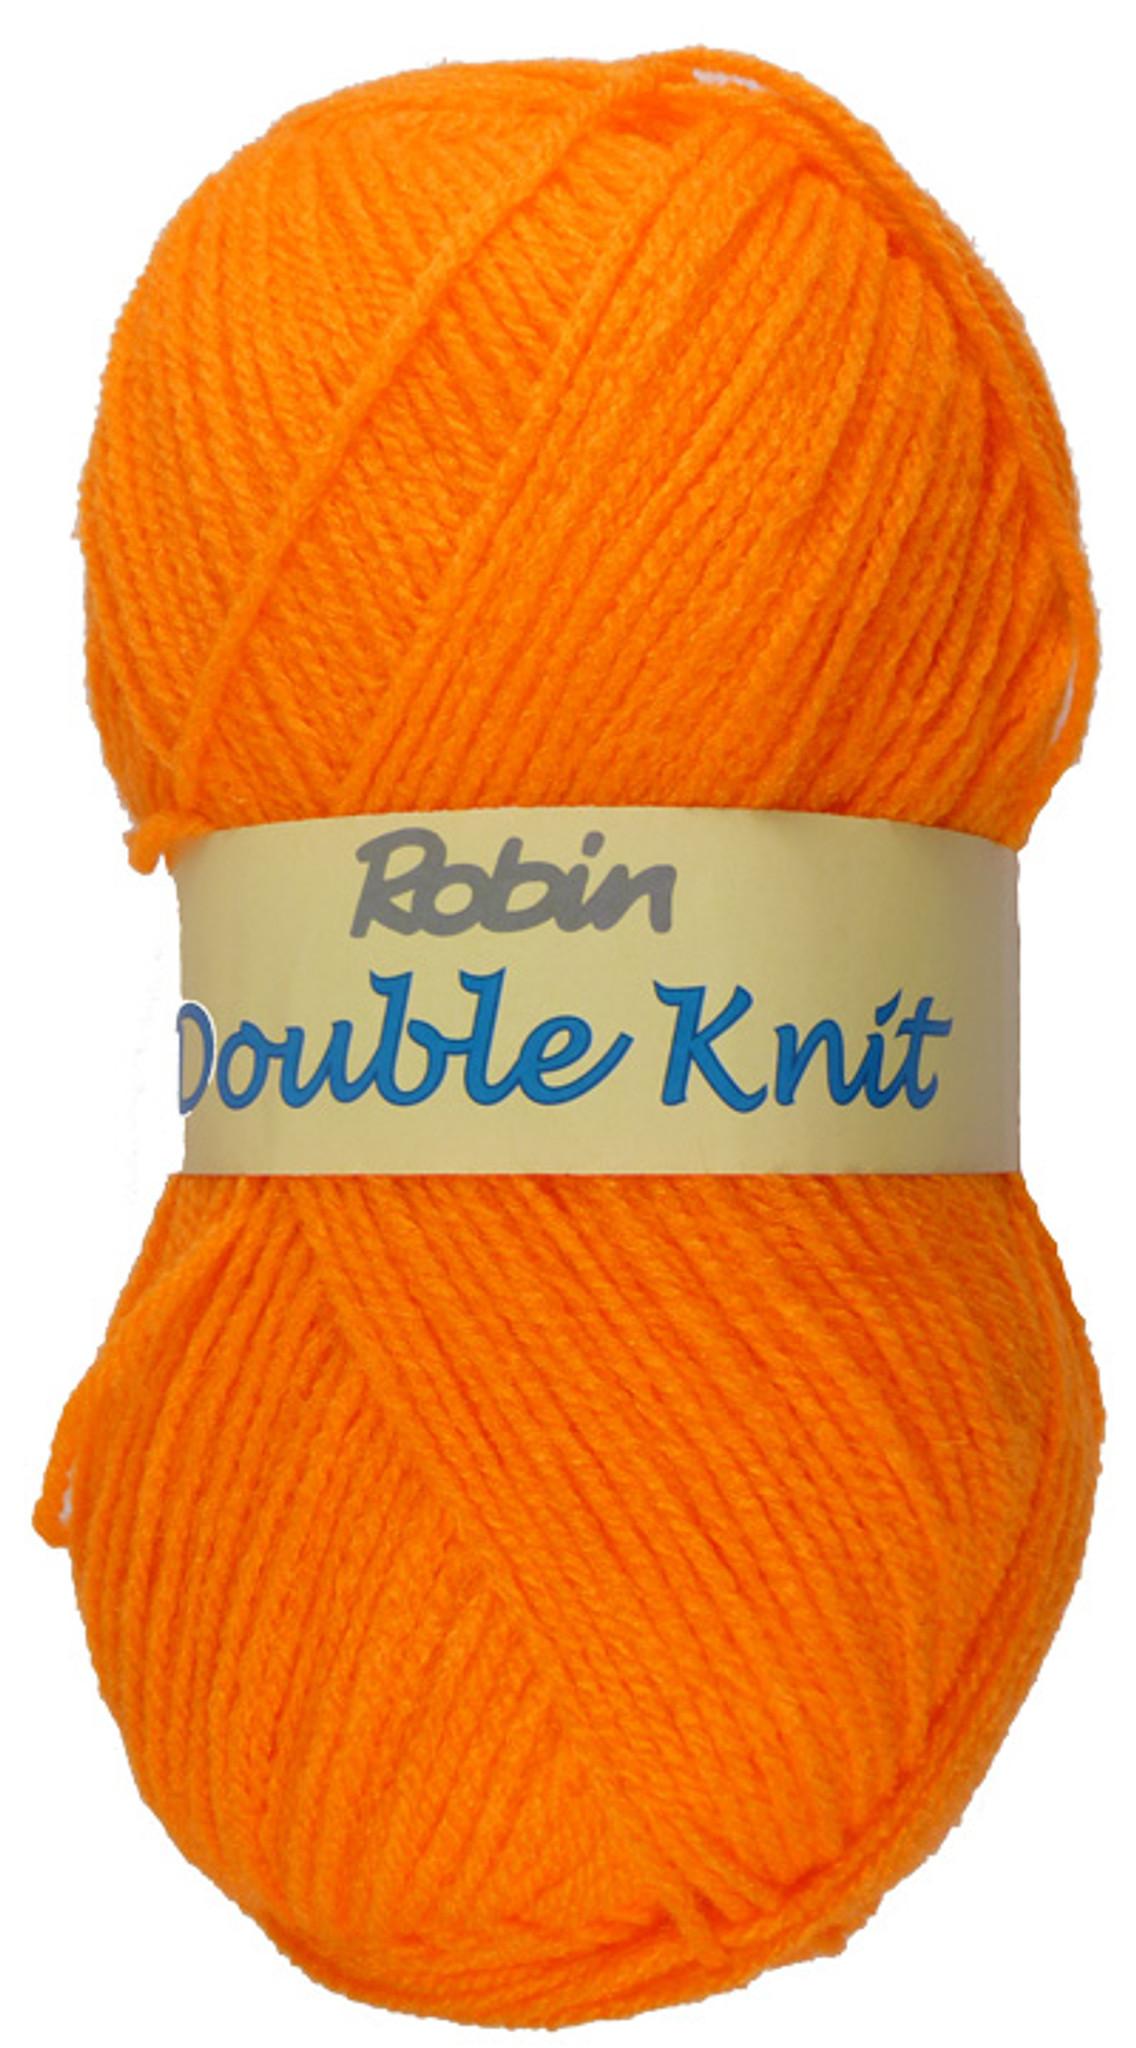 Robin Double Knitting Yarn 100g